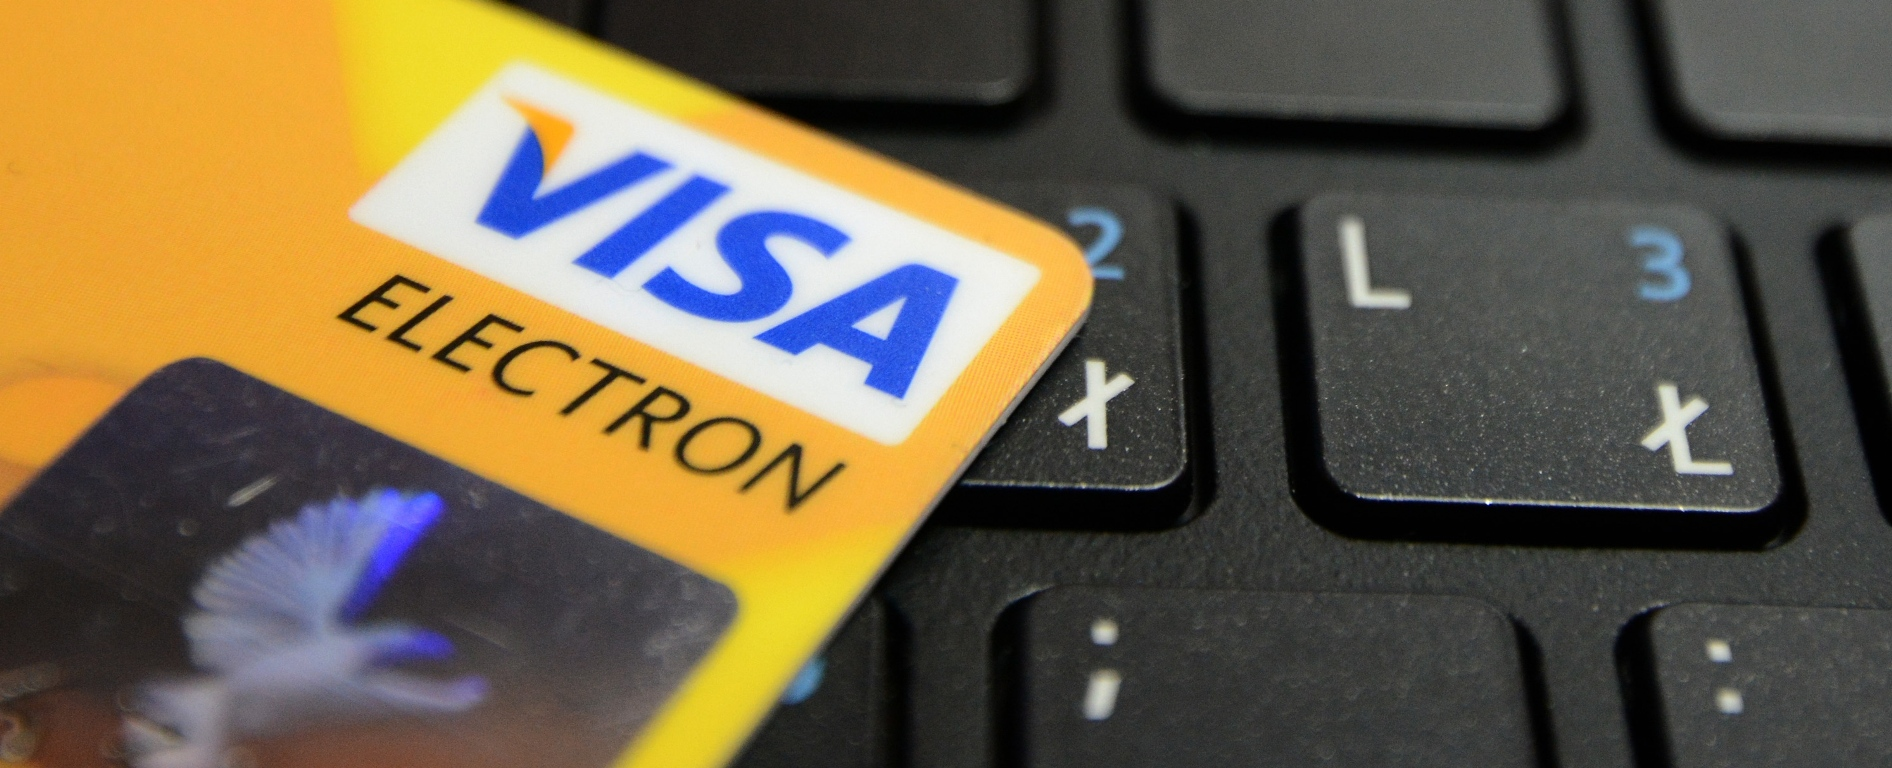 """AGENCIJA ZA ZAŠTITU PODATAKA UPOZORAVA """"Banke krše Zakon o zaštiti osobnih podataka"""""""